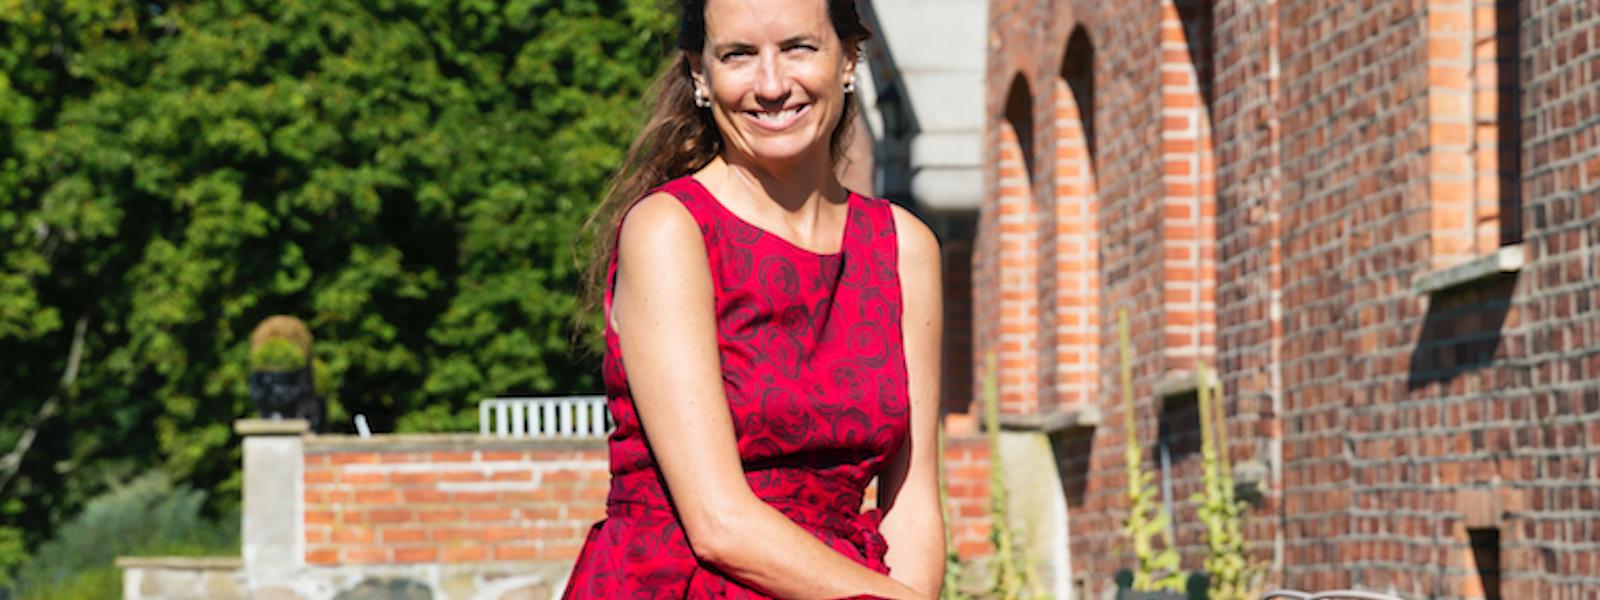 Bild - Alexandra von Schwerin